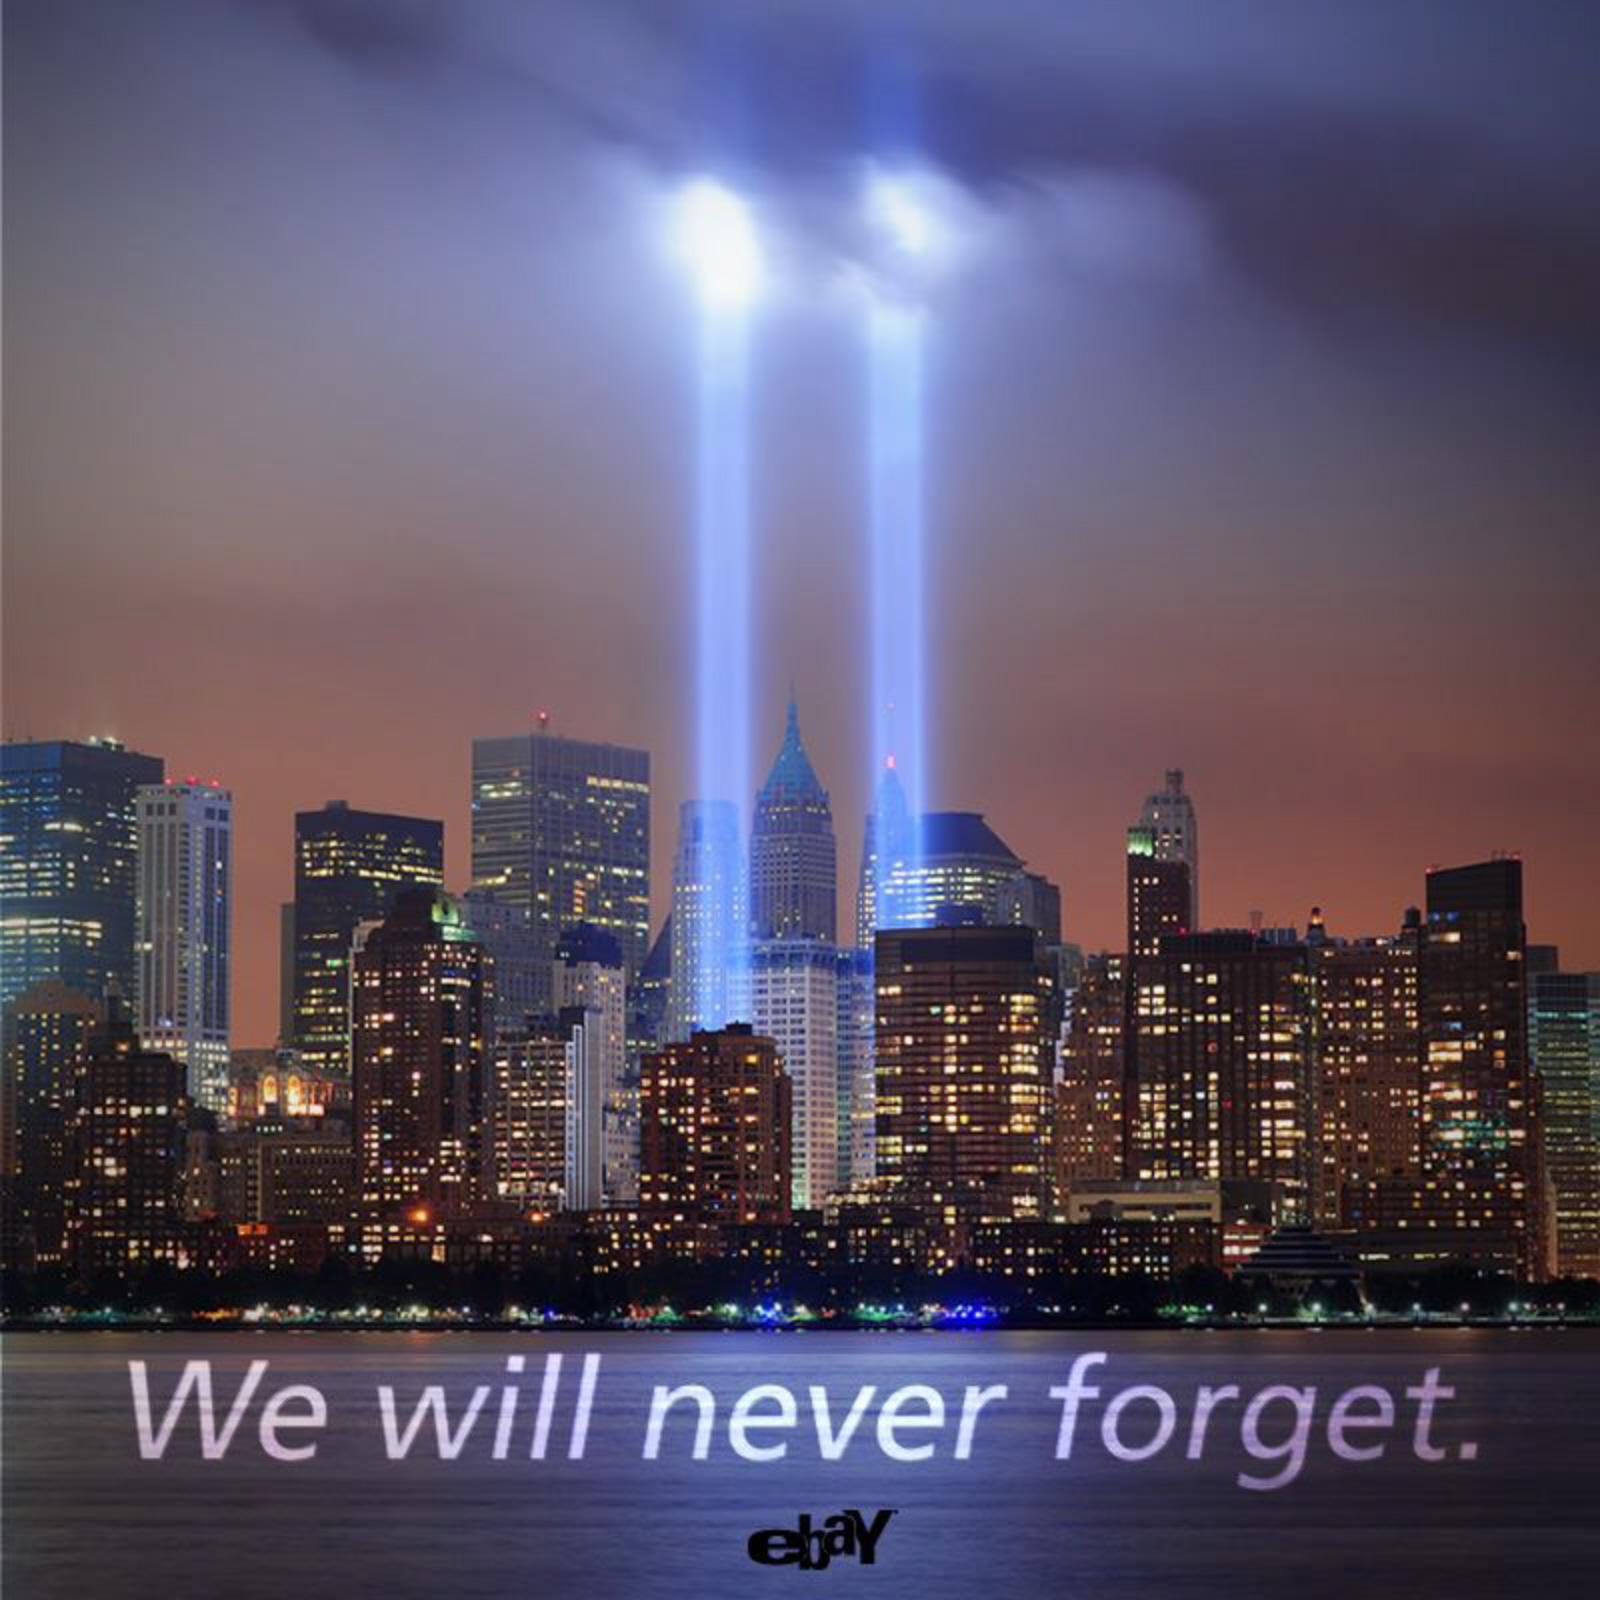 never forget 9 11 wallpaper twin tower lights september 11 2012jpg 1600x1600